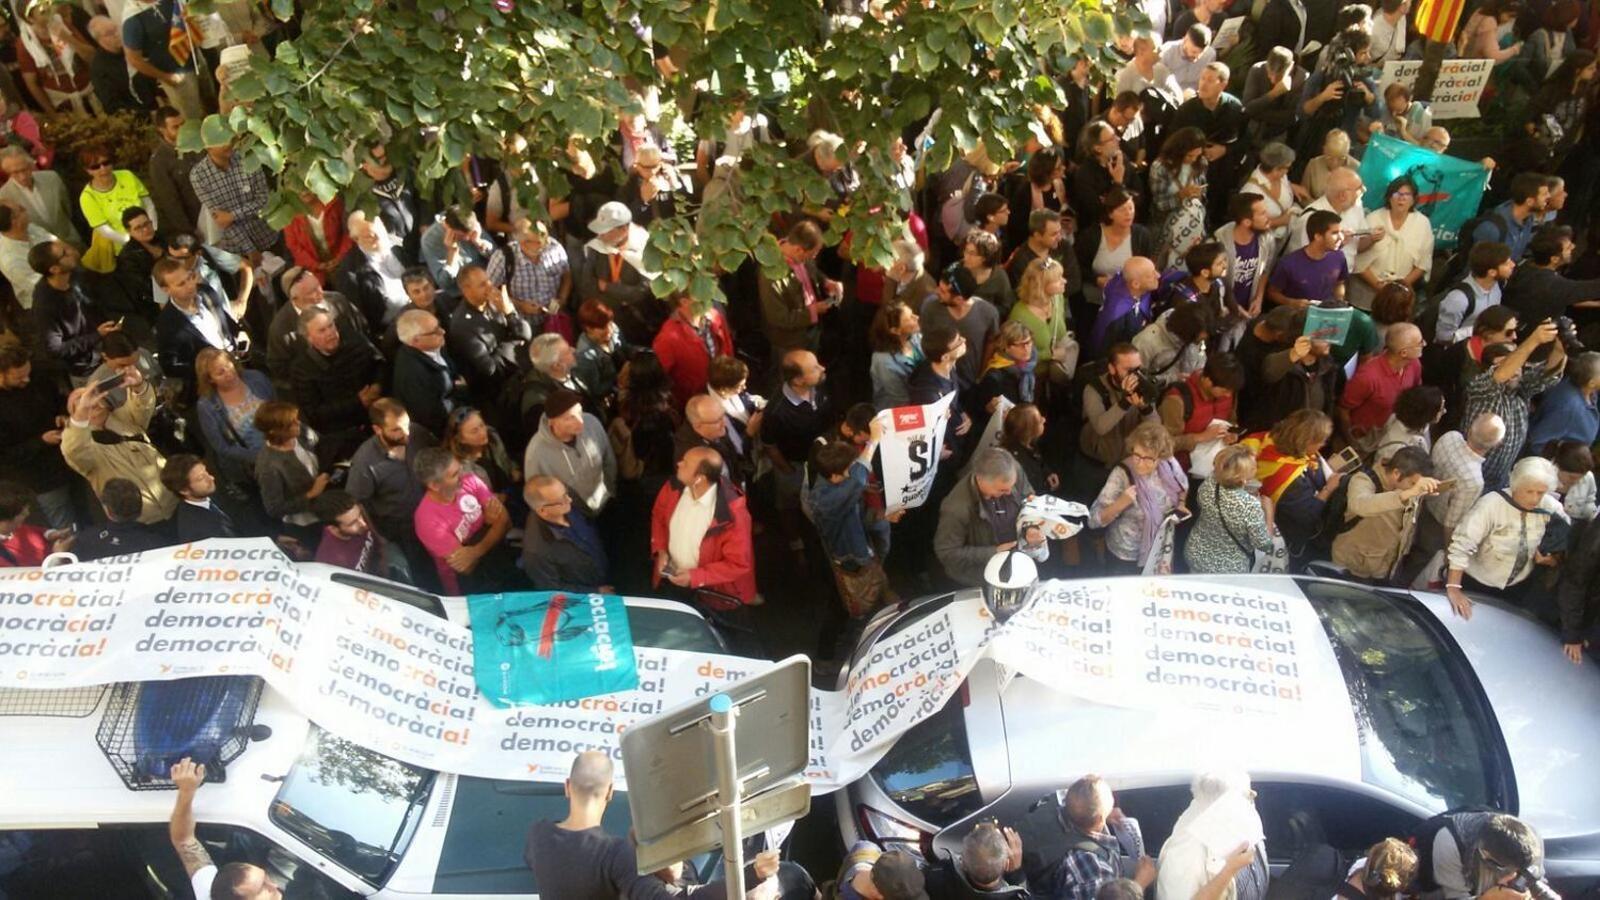 Casado lamenta que membres del govern espanyol demanin la llibertat dels presos després dels fets del 20-S